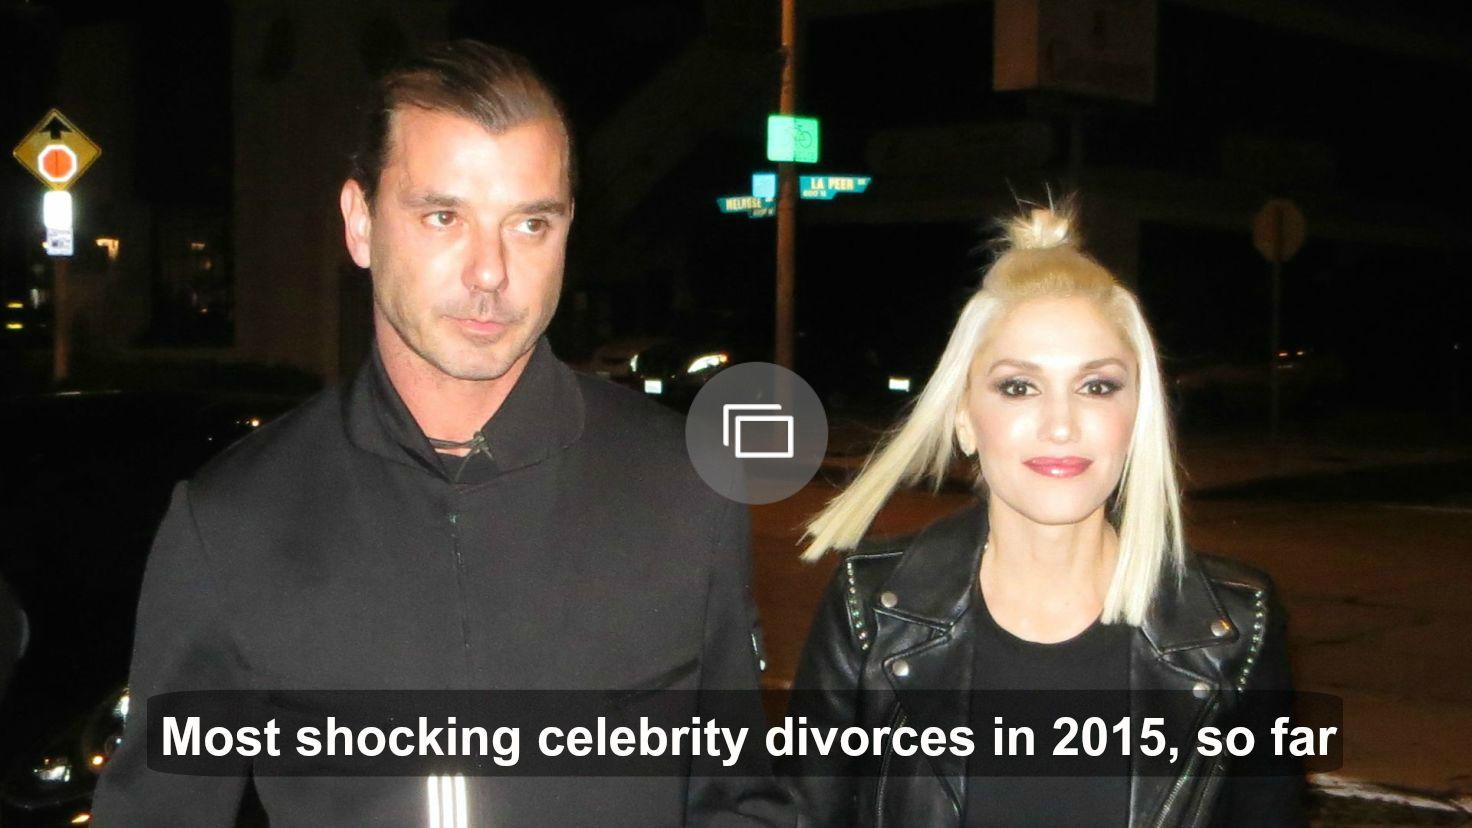 Celebrity divorces in 2015